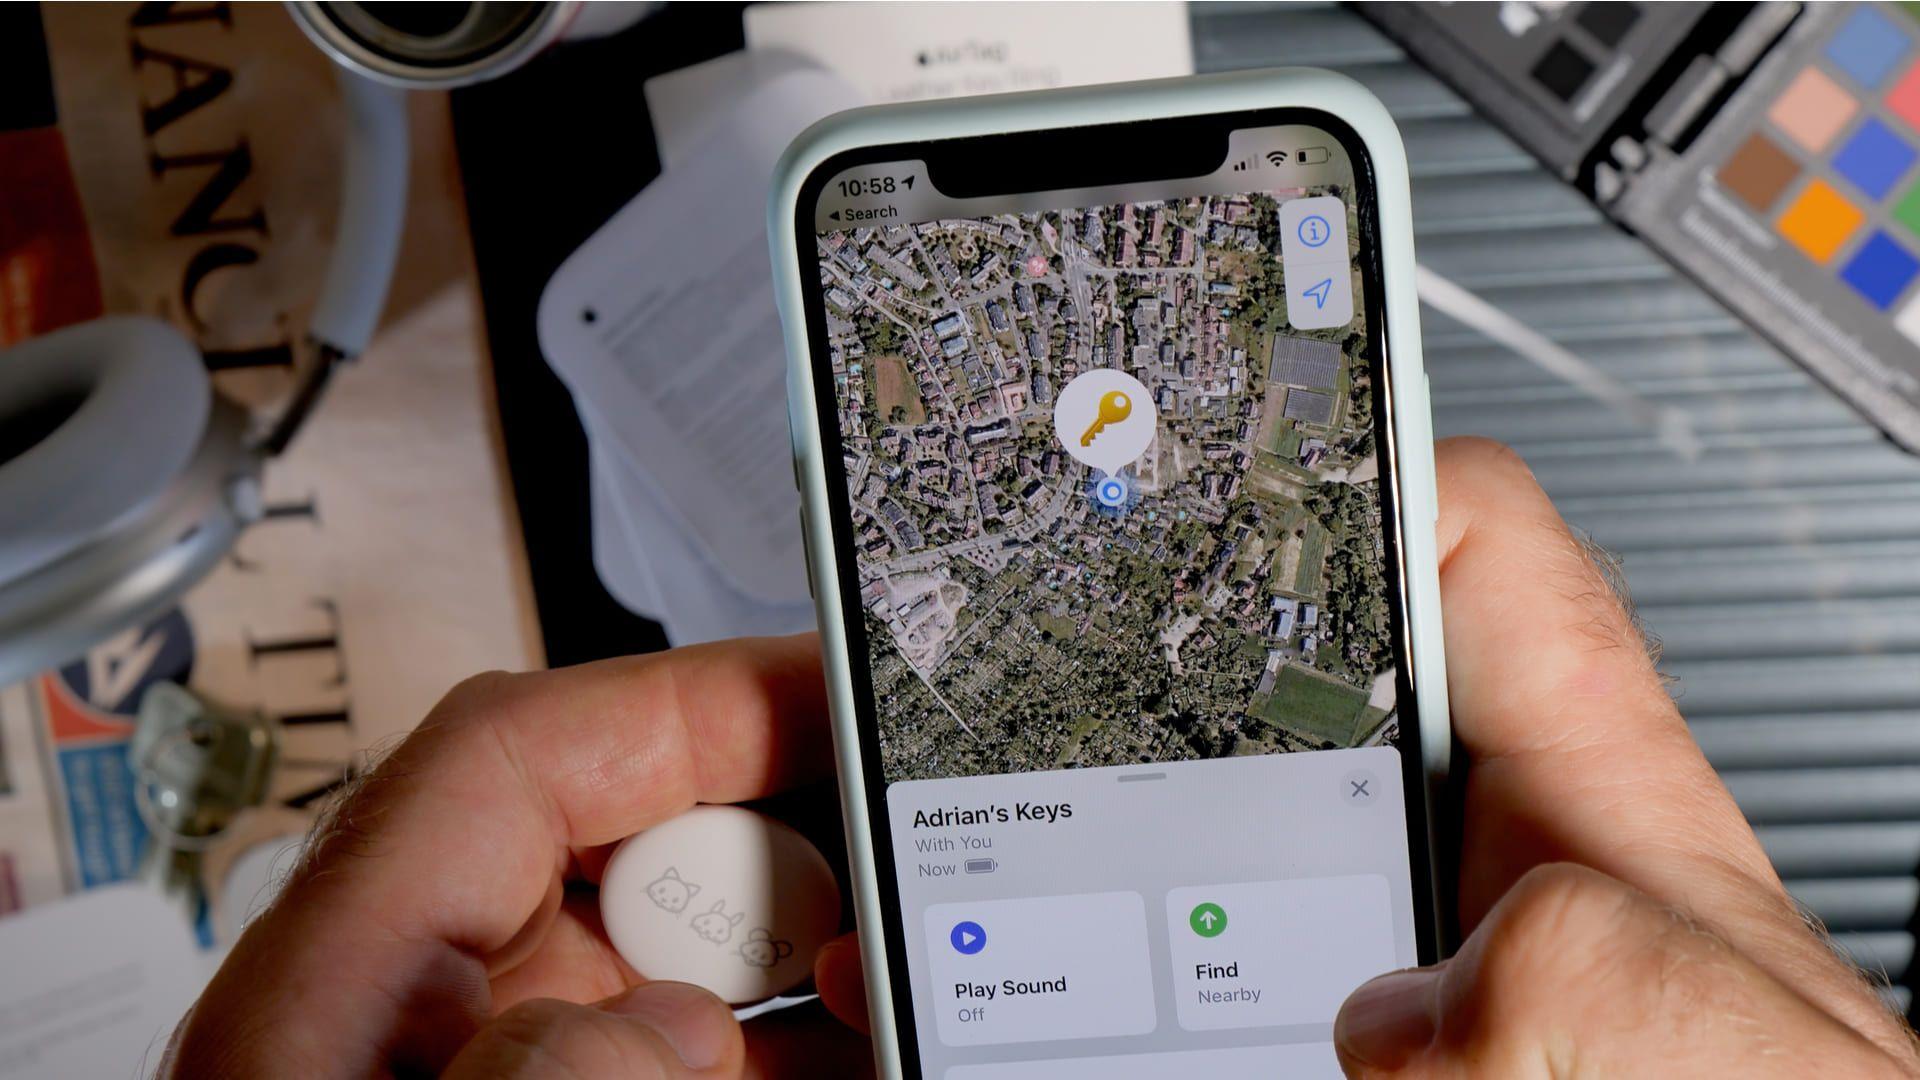 Entenda como funciona o rastreamento do Apple AirTag